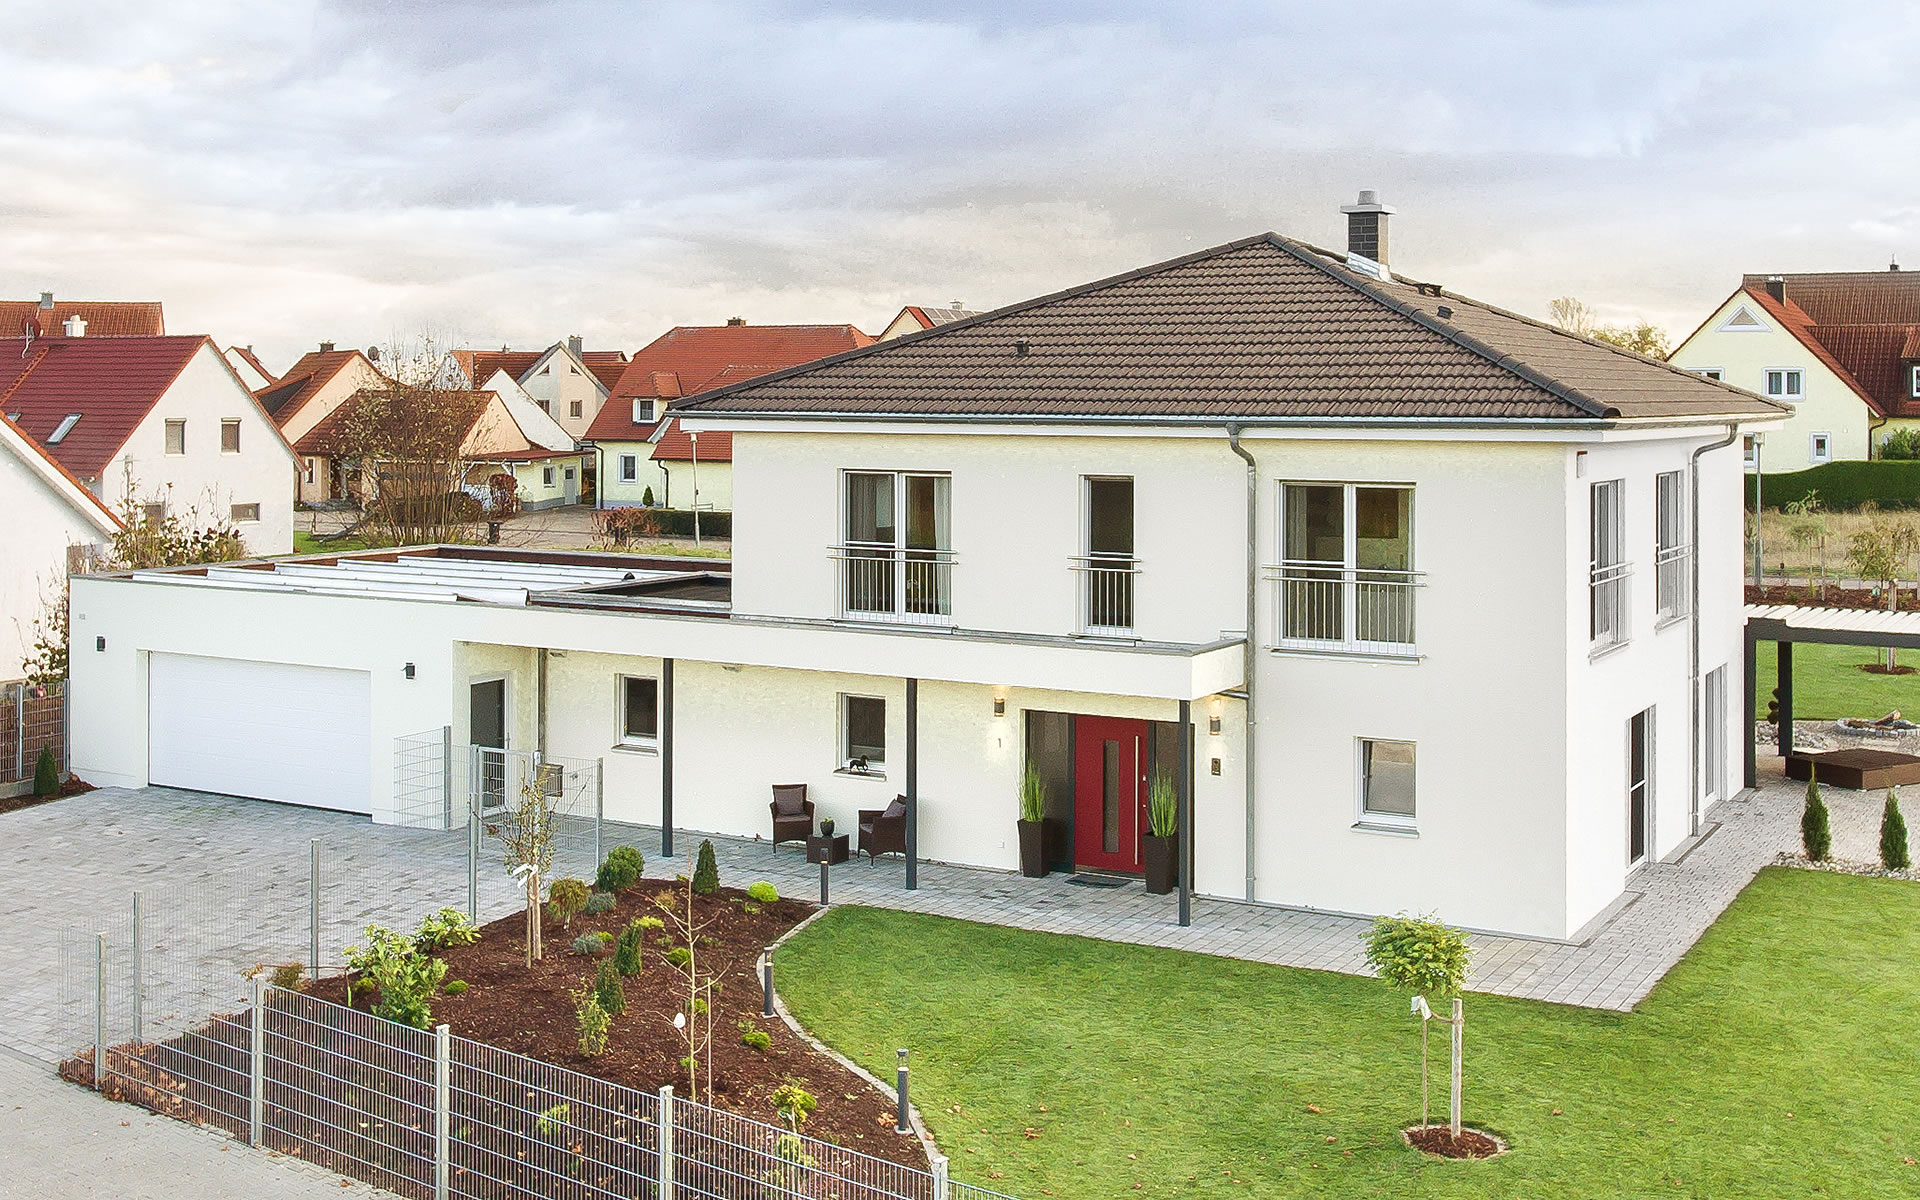 Stadtvilla 247 - FischerHaus GmbH & Co. KG